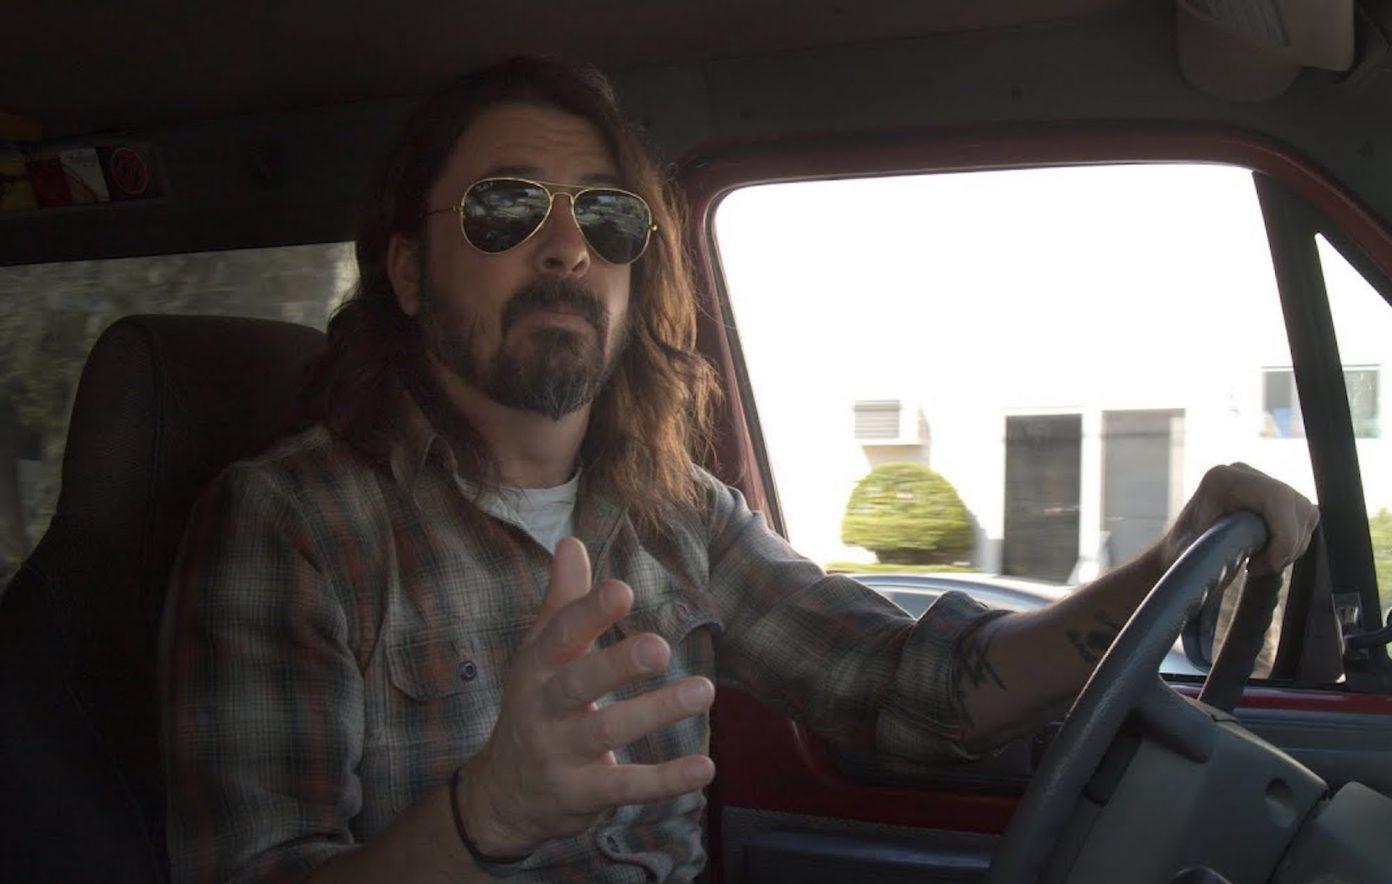 Cena de What Drives Us. Dave Grohl, um homem branco de 52 anos, está sentado no banco de motorista dentro de um carro. Ele possui cabelos comrpidos e castanhos, barba e bigode castanhos e usa óculos escuros. Dave usa camisa listrada e está com a mão esquerda no volante, olhando para a câmera.